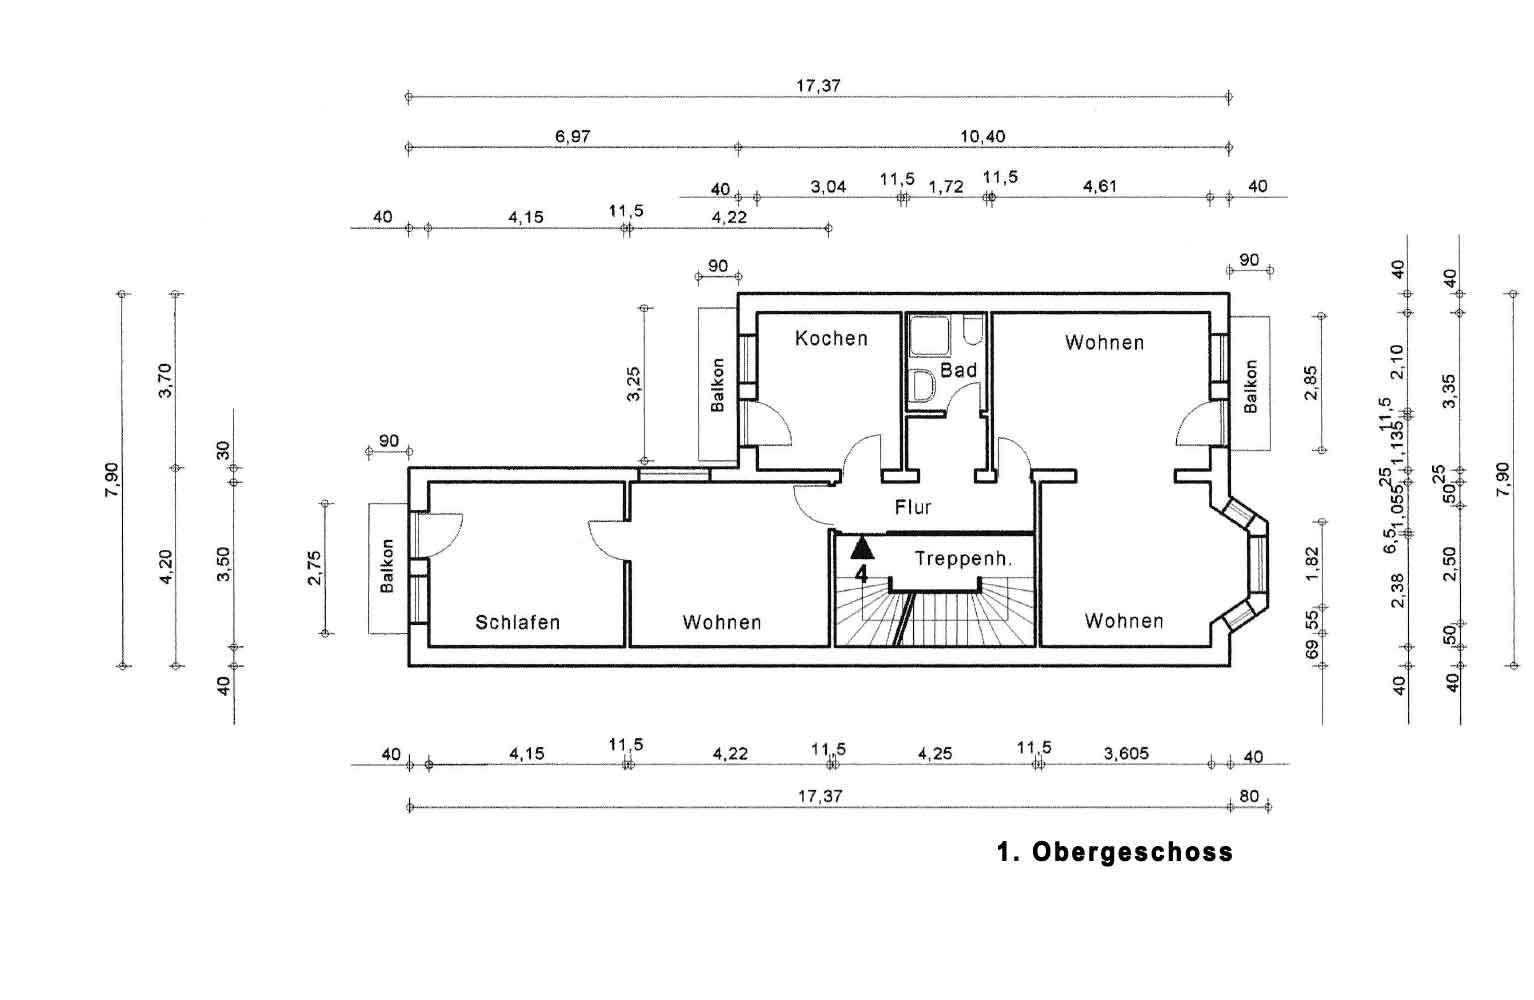 Parkallee 19, Bremen, Abbildung 1. Obergeschoss